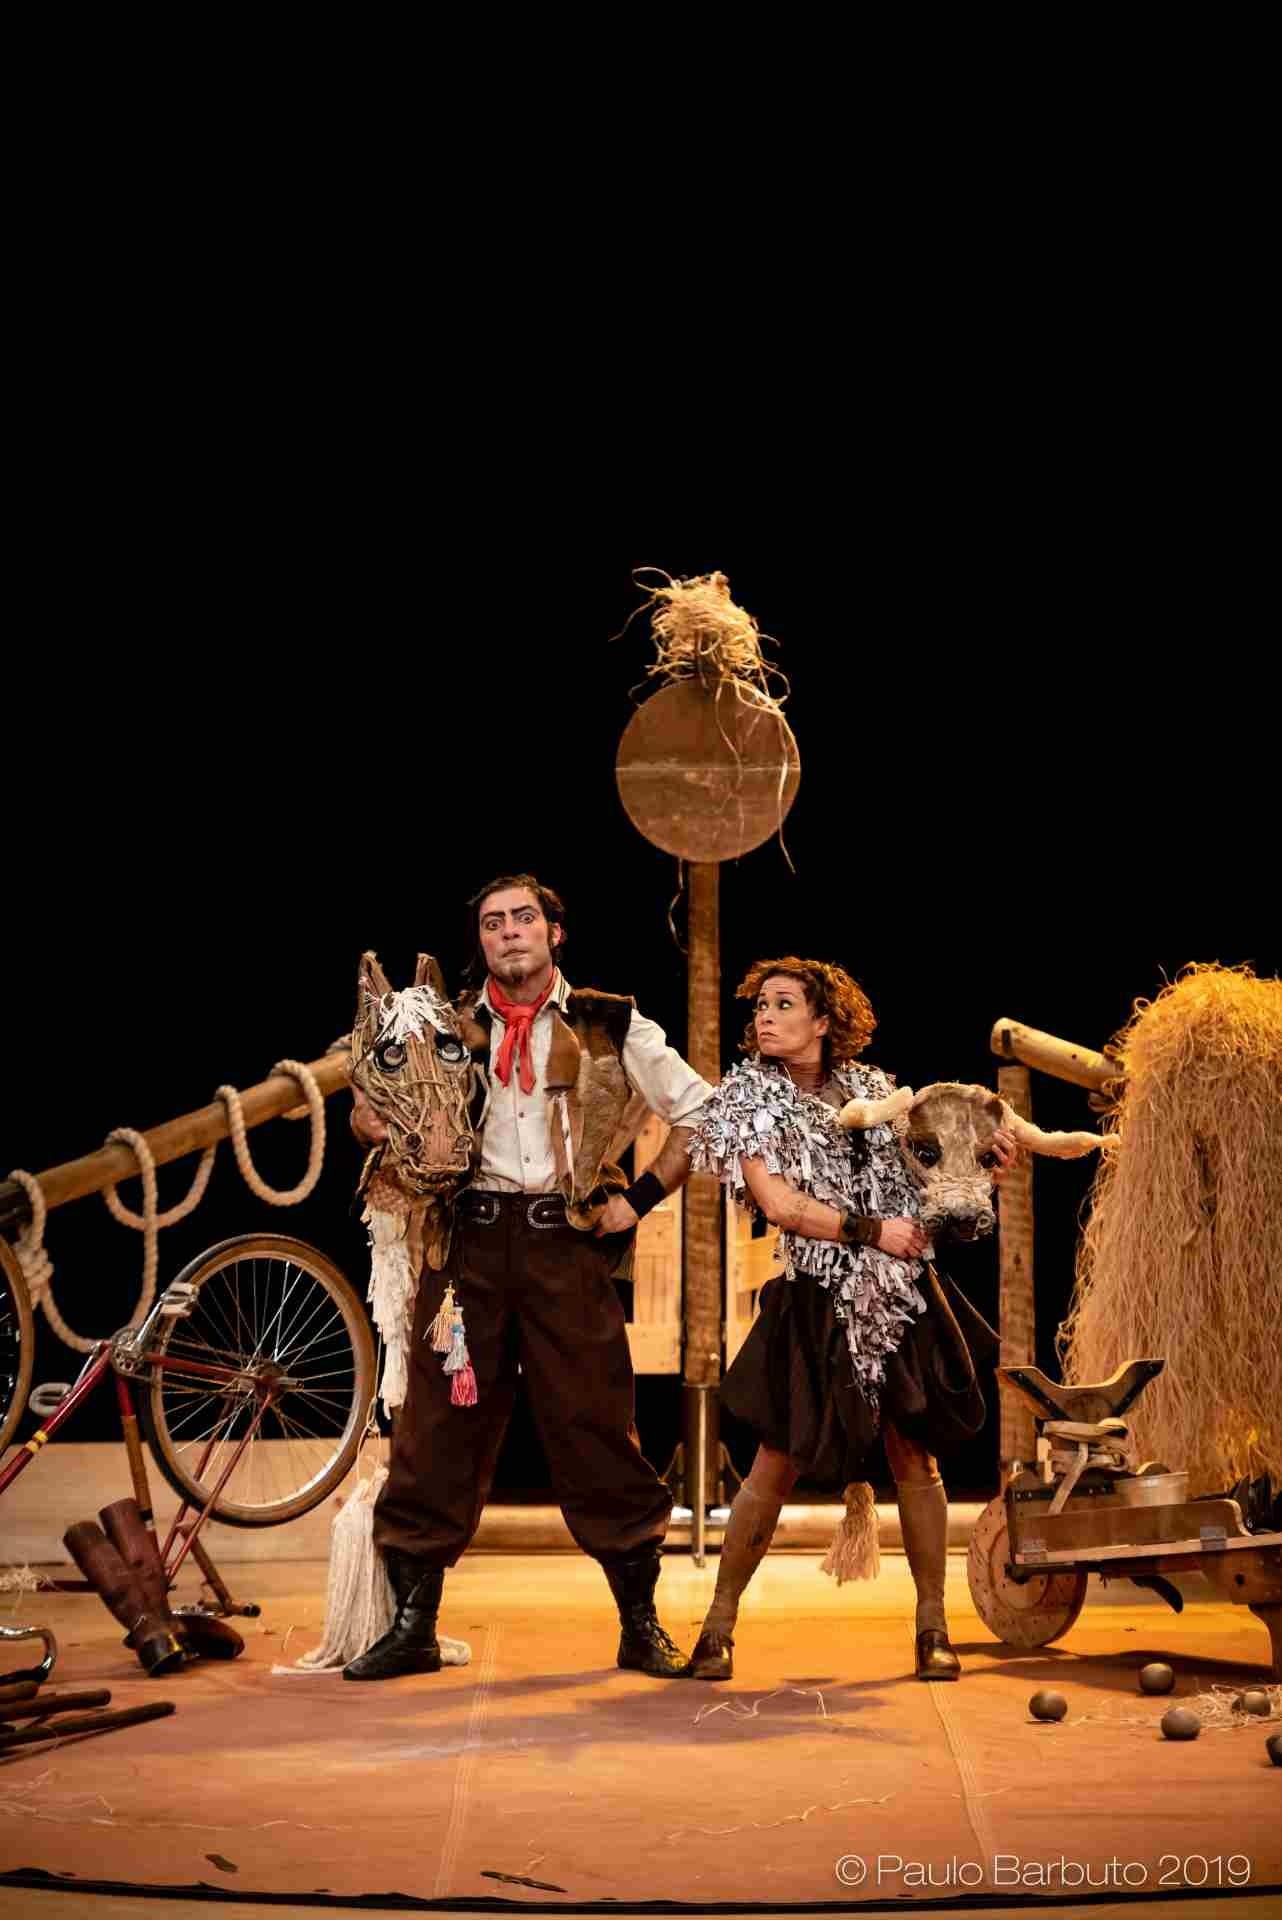 Espetáculo circense 'Rústico' será apresentado em Sorocaba